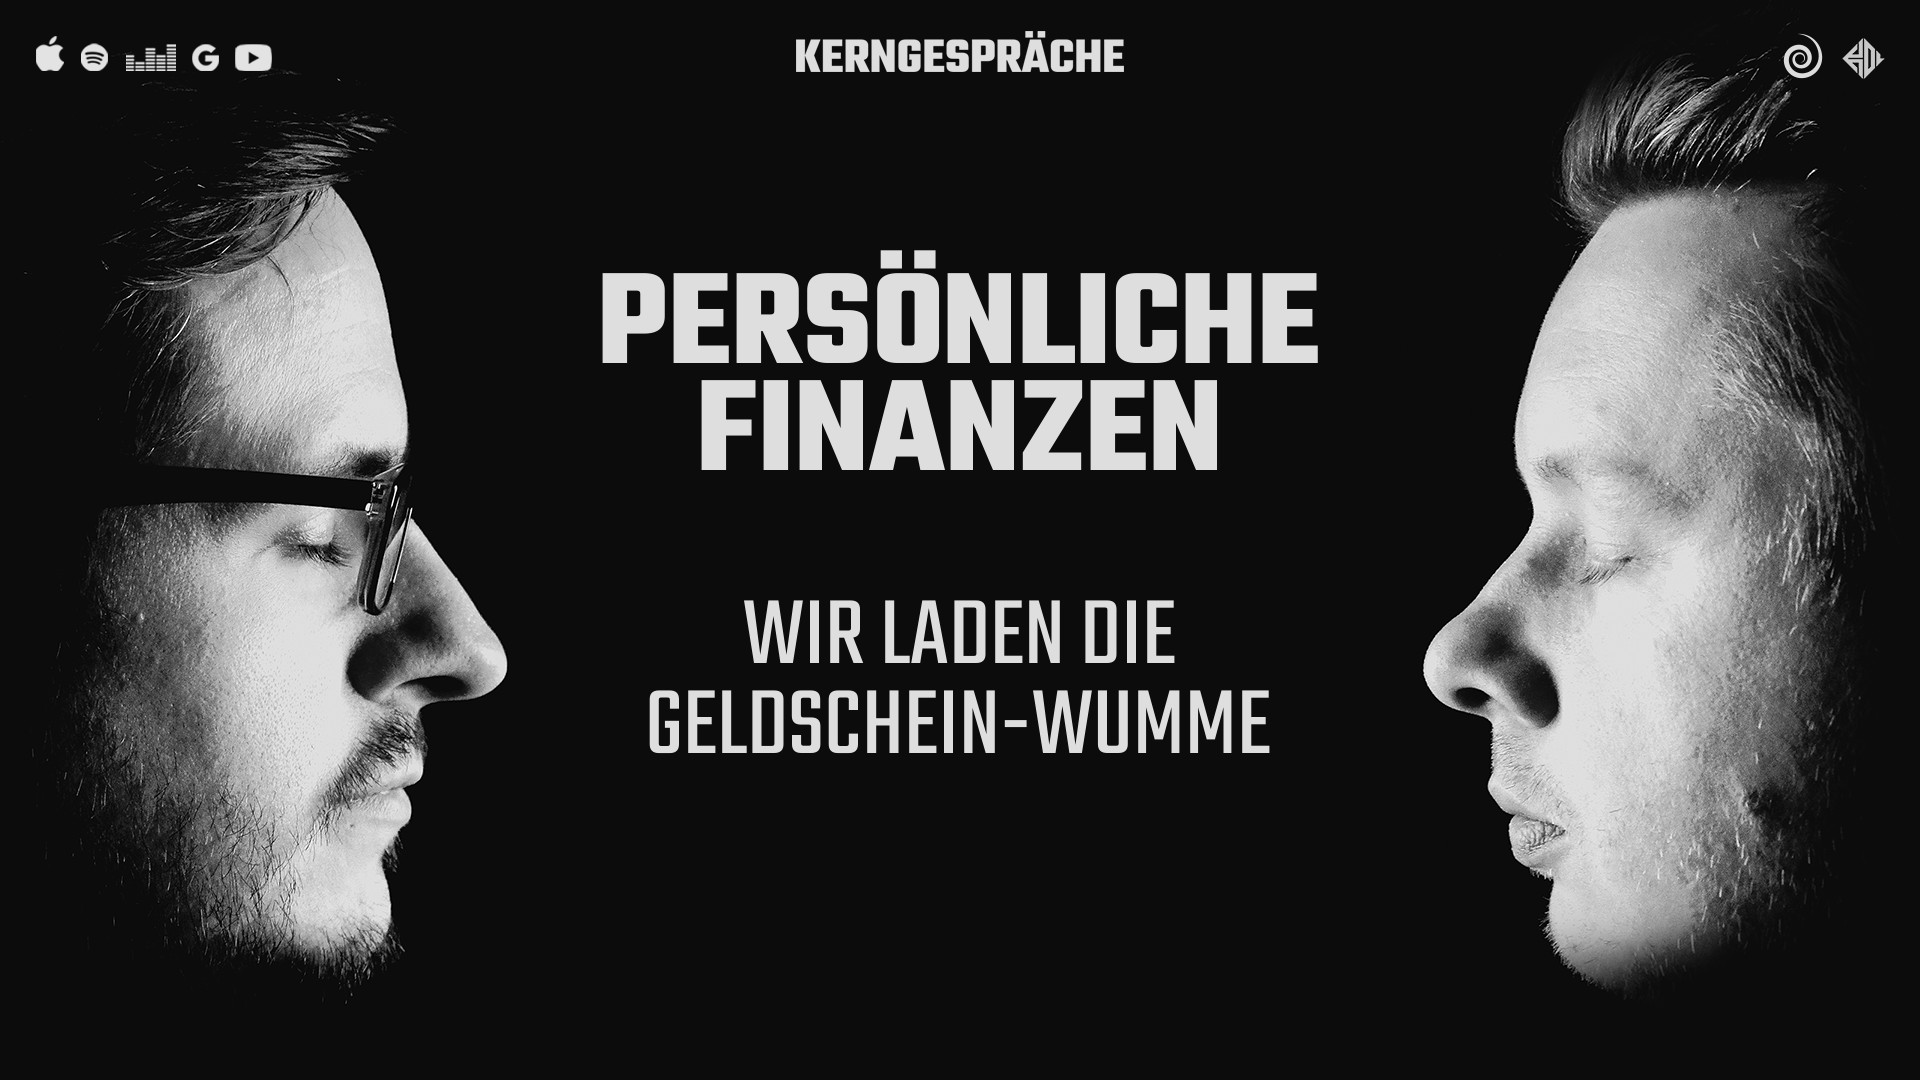 Persönliche Finanzen: Wir laden die Geldschein-Wumme